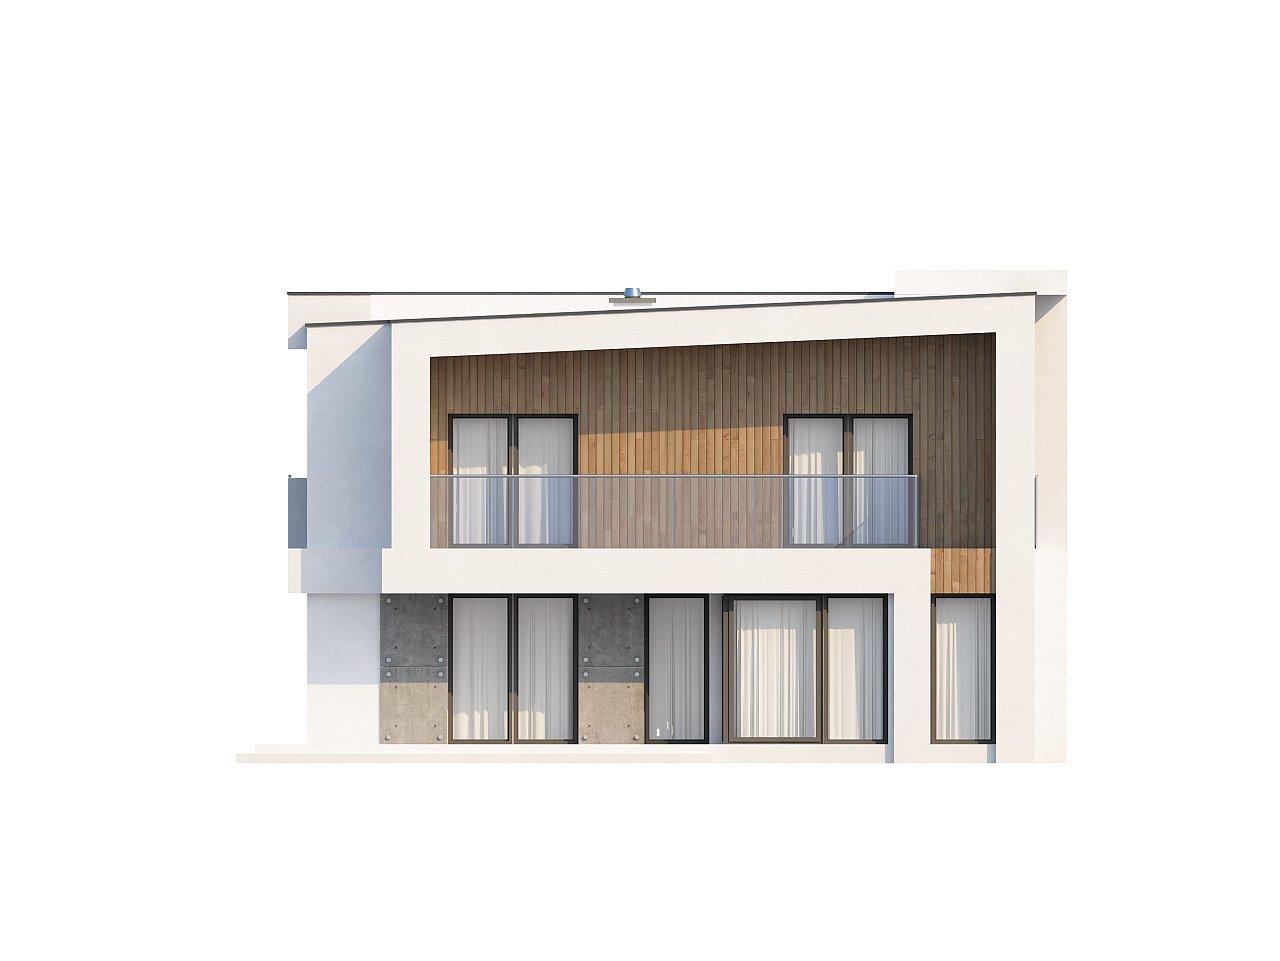 Просторный дом современного дизайна с гаражом и кабинетом на первом этаже. 4